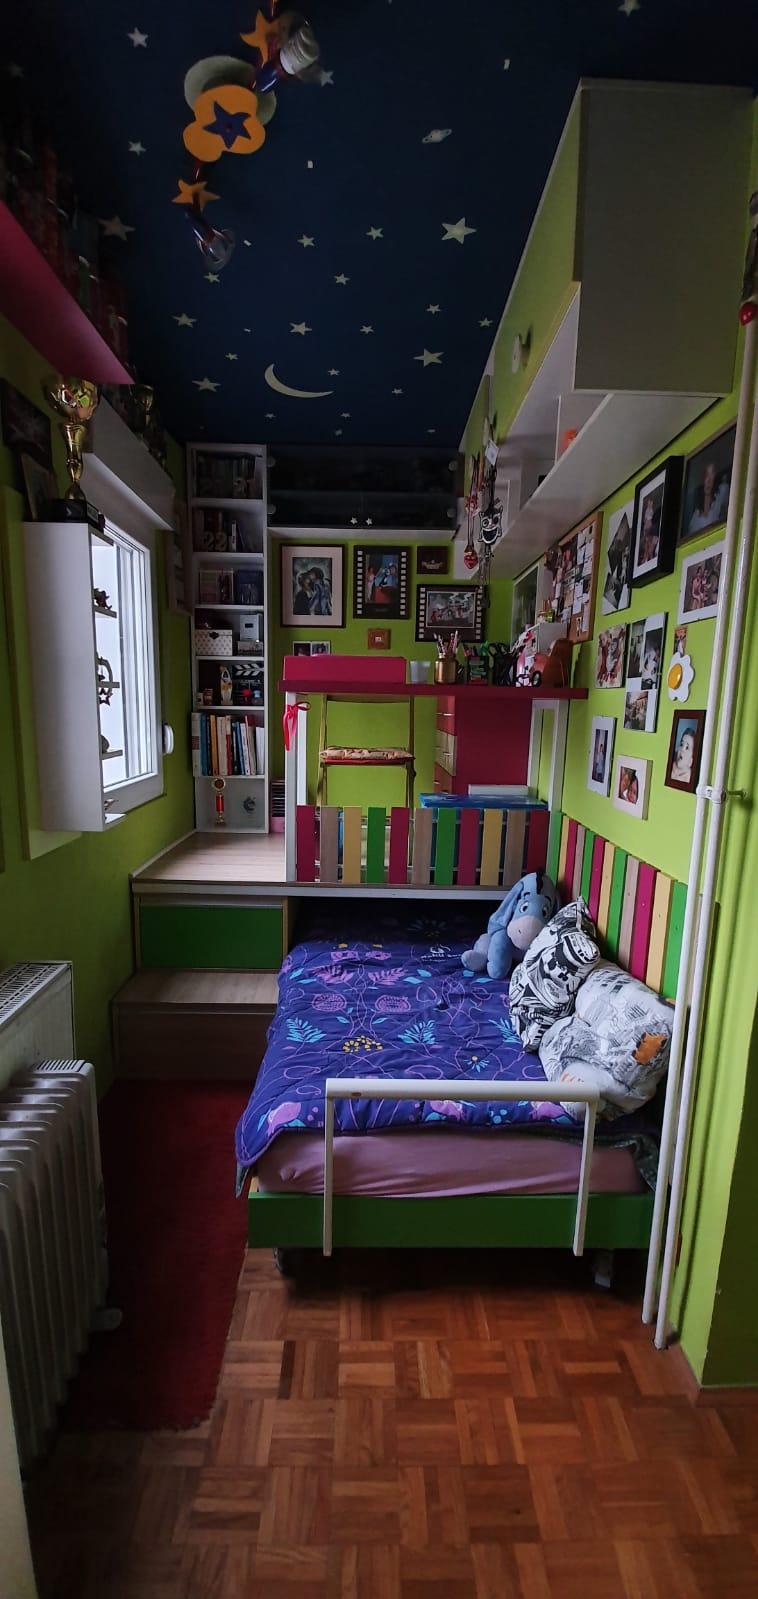 NEMA GDE IGLA DA PADNE: Dom bivše ZADRUGARKE je pun detalja i u zelenoj boji! U prvoj fioci drži šminku, a kada je otvorila drugu dočekalo nas je OVO! VIDEO